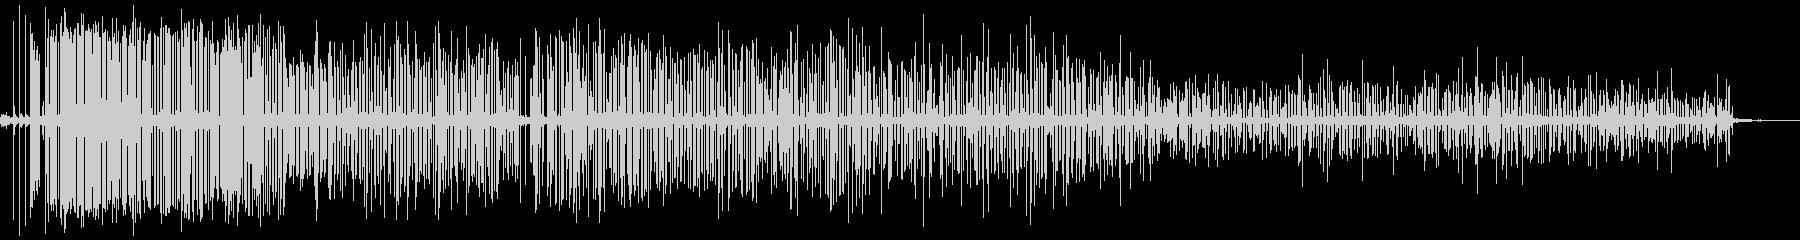 ミグ溶接機は激しいスナップ、クラッ...の未再生の波形